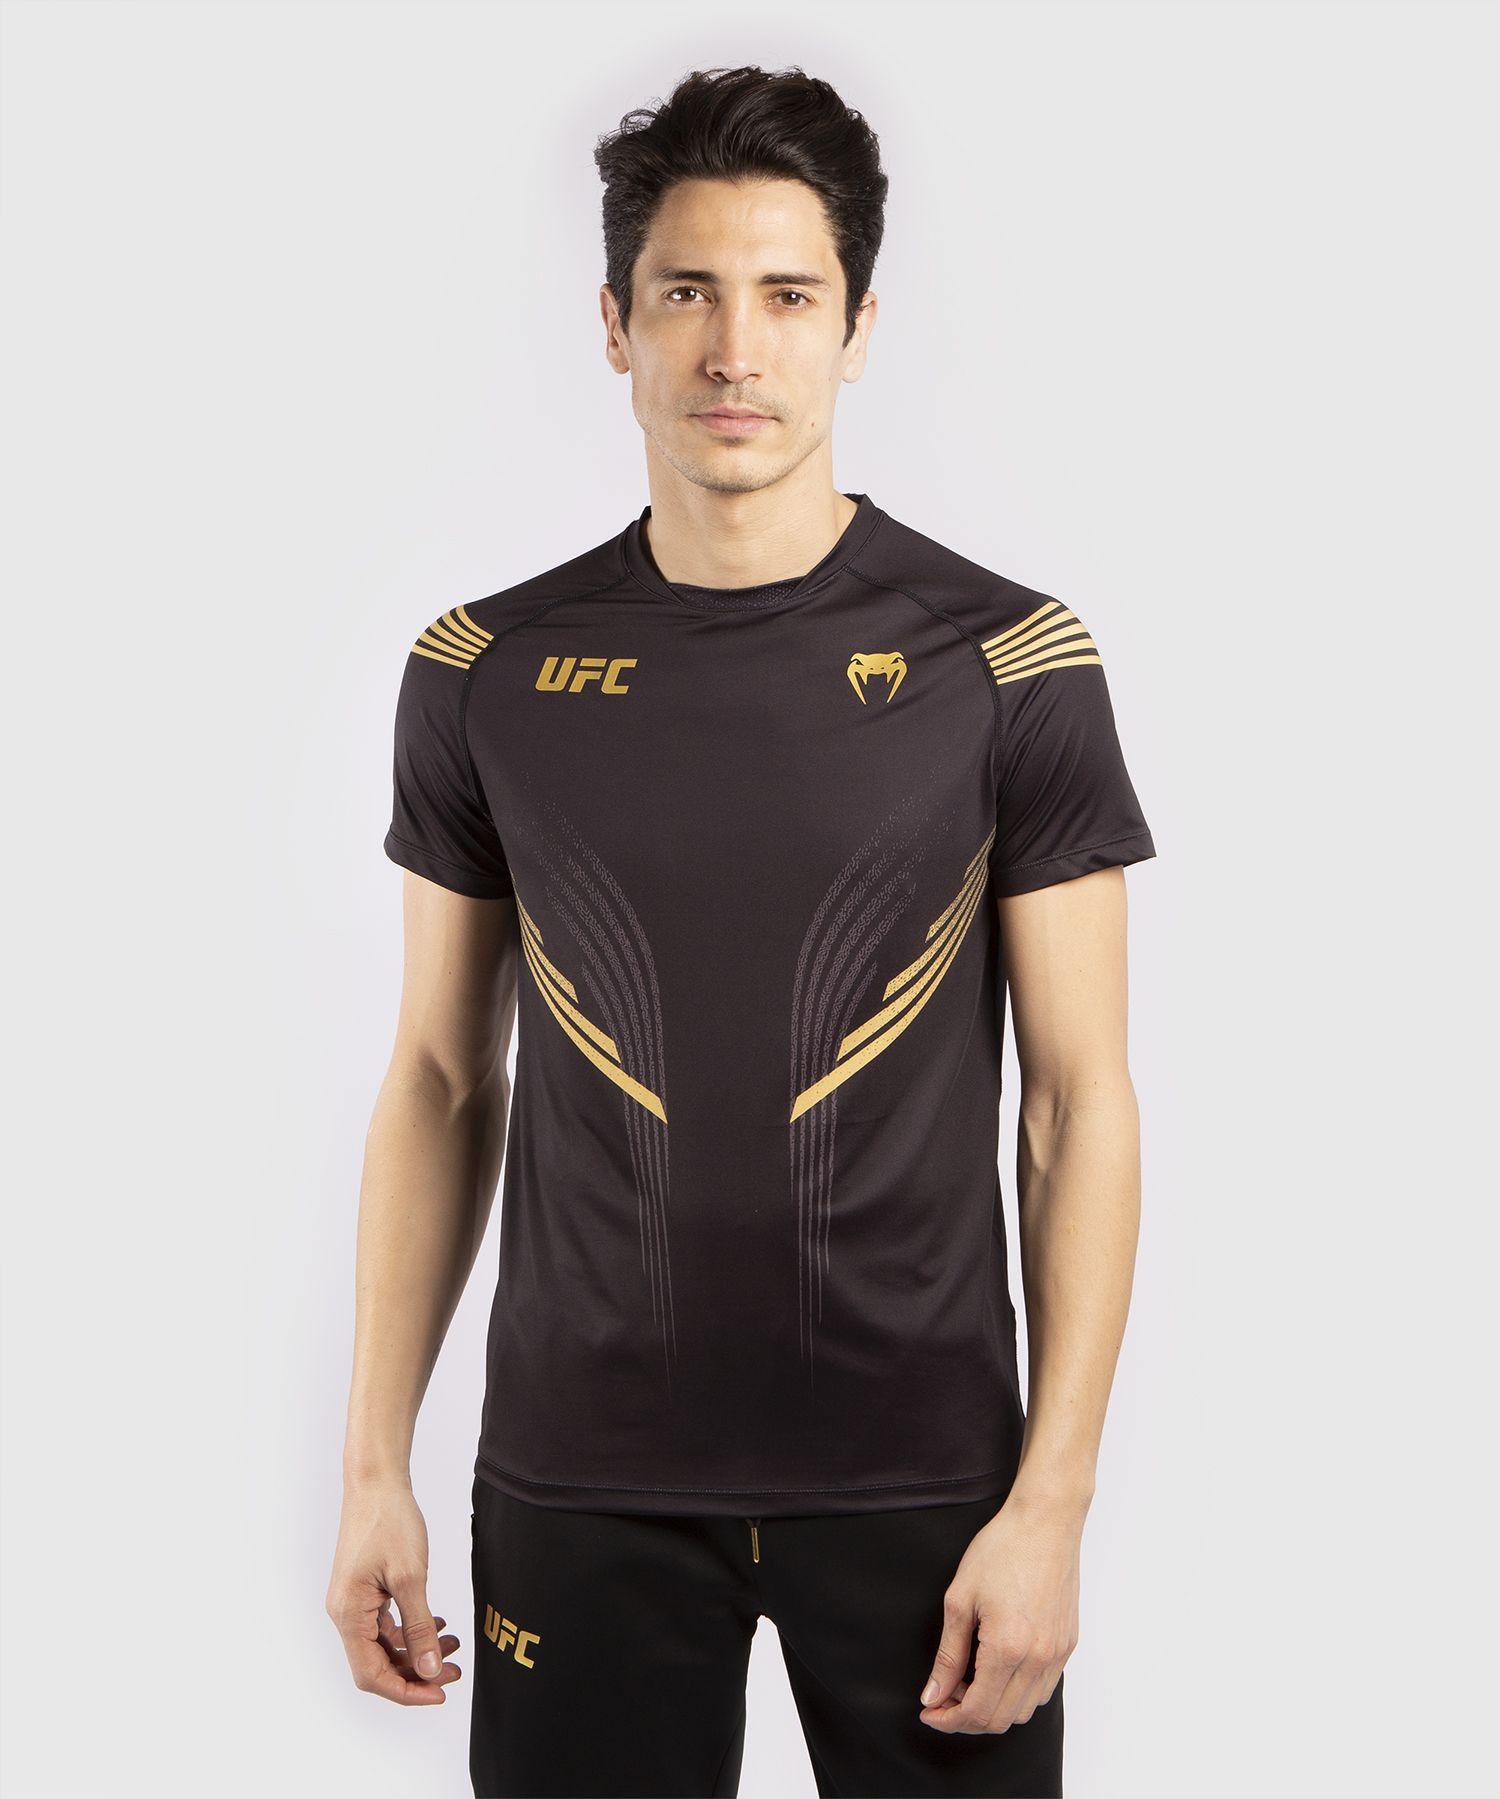 UFC 베넘 프로 라인 남성 져지 - 챔피언